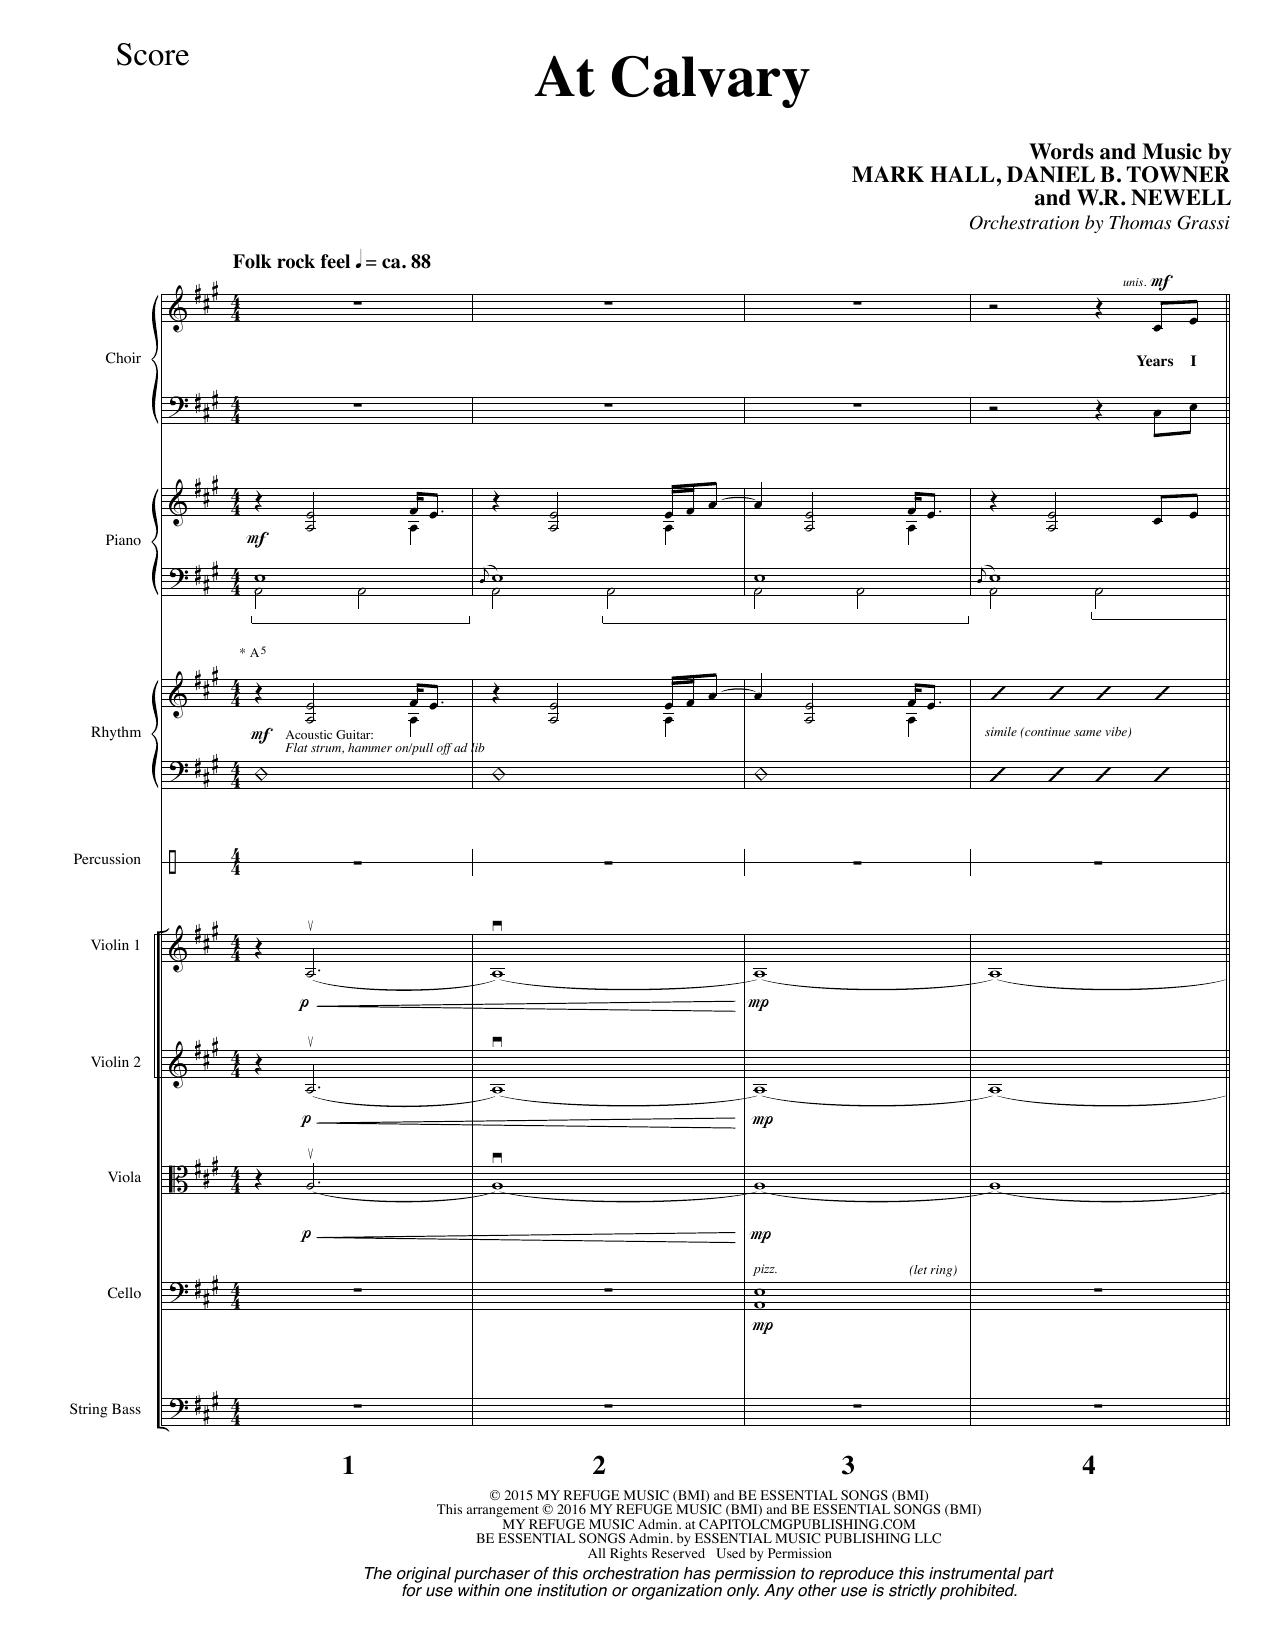 At Calvary - Full Score Sheet Music